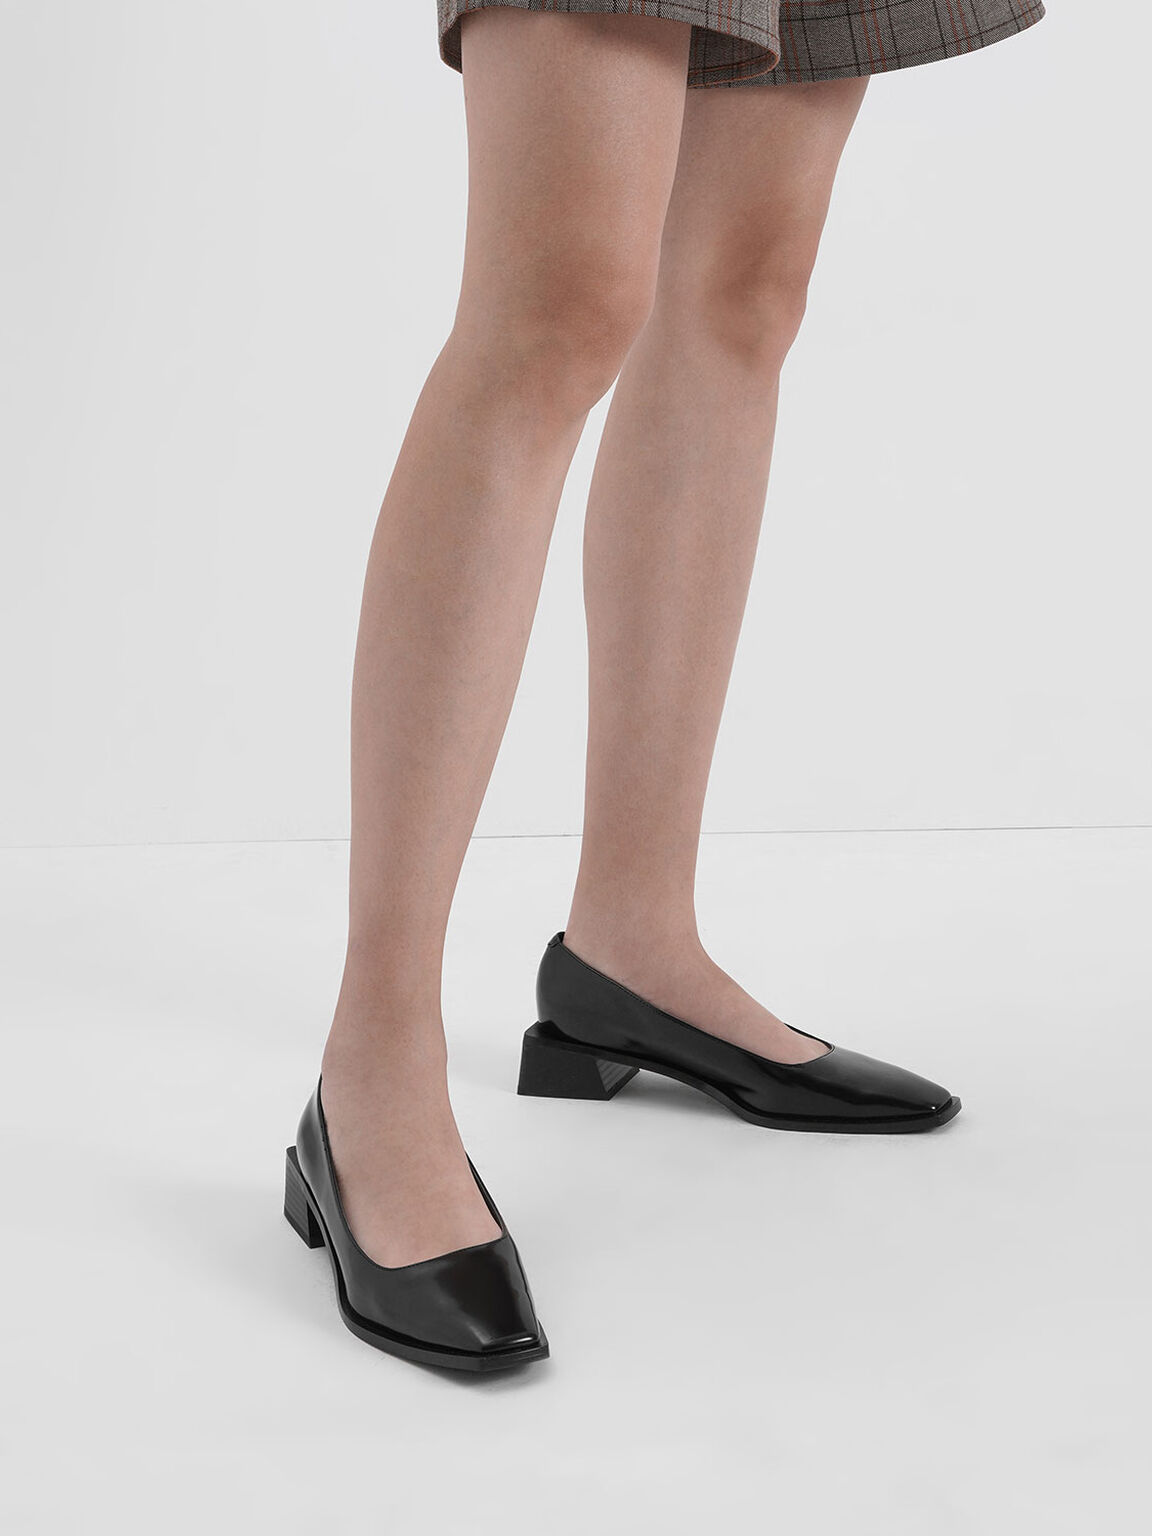 Square Toe Block Heel Pumps, Black, hi-res